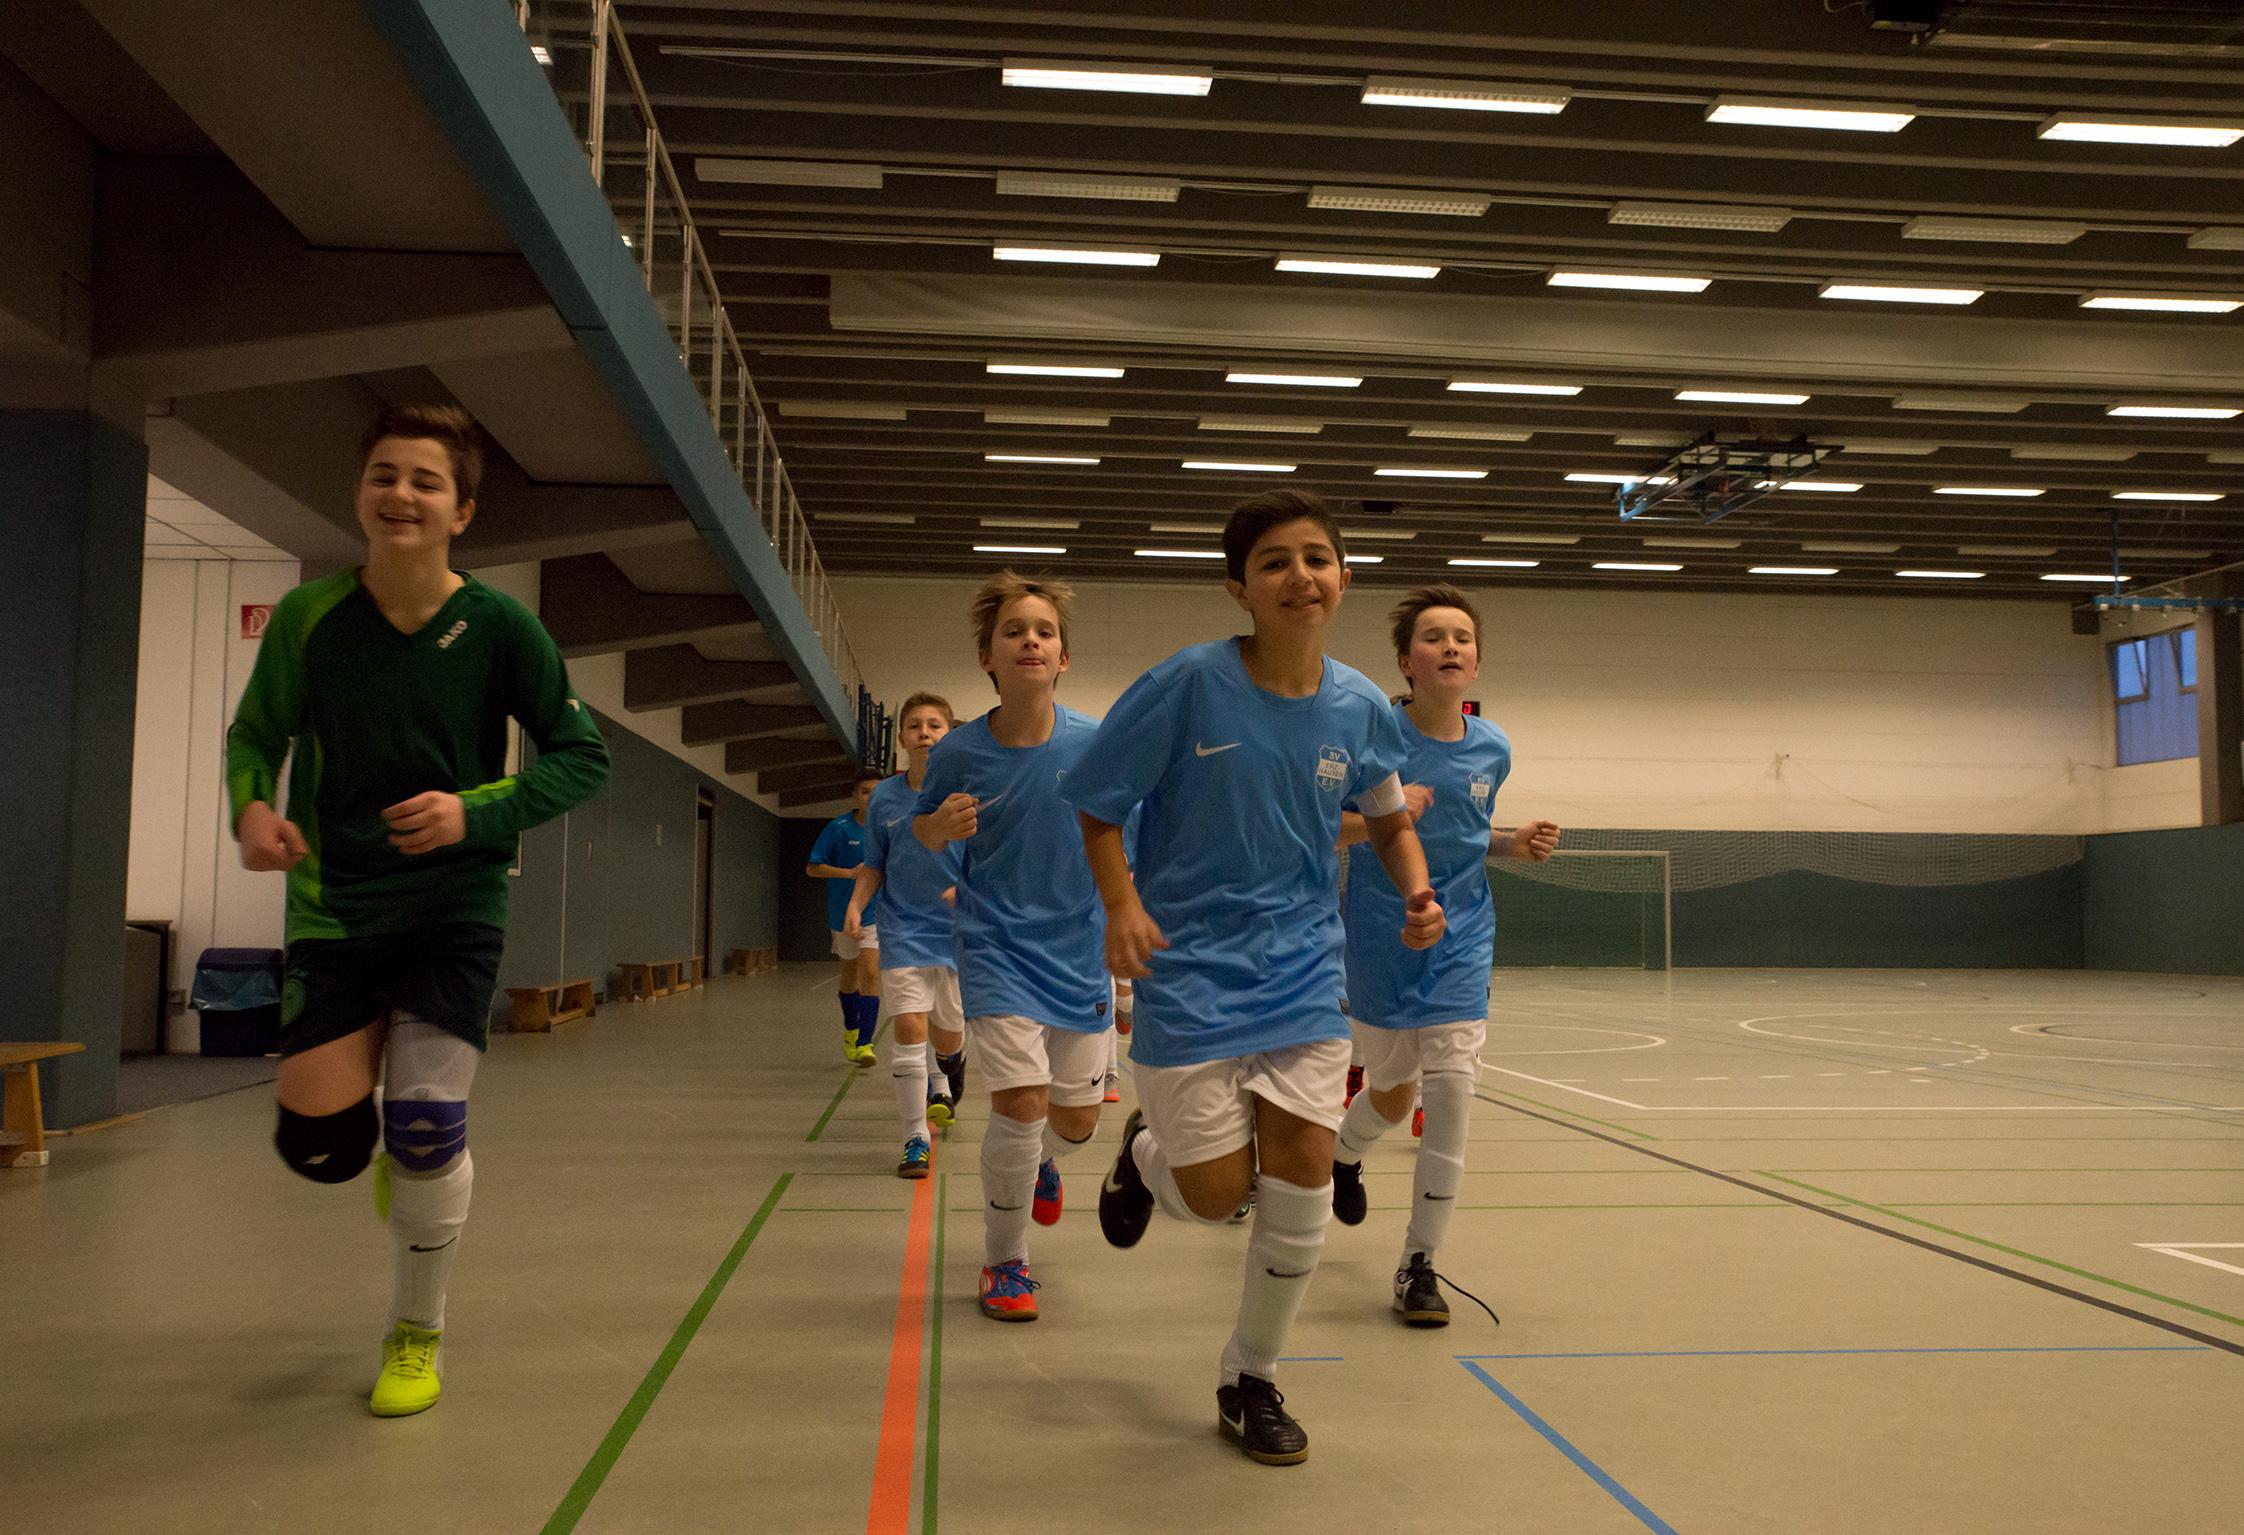 Der Schleifer erwartet absolute körperliche Fitness - auch im Jugendfußball!